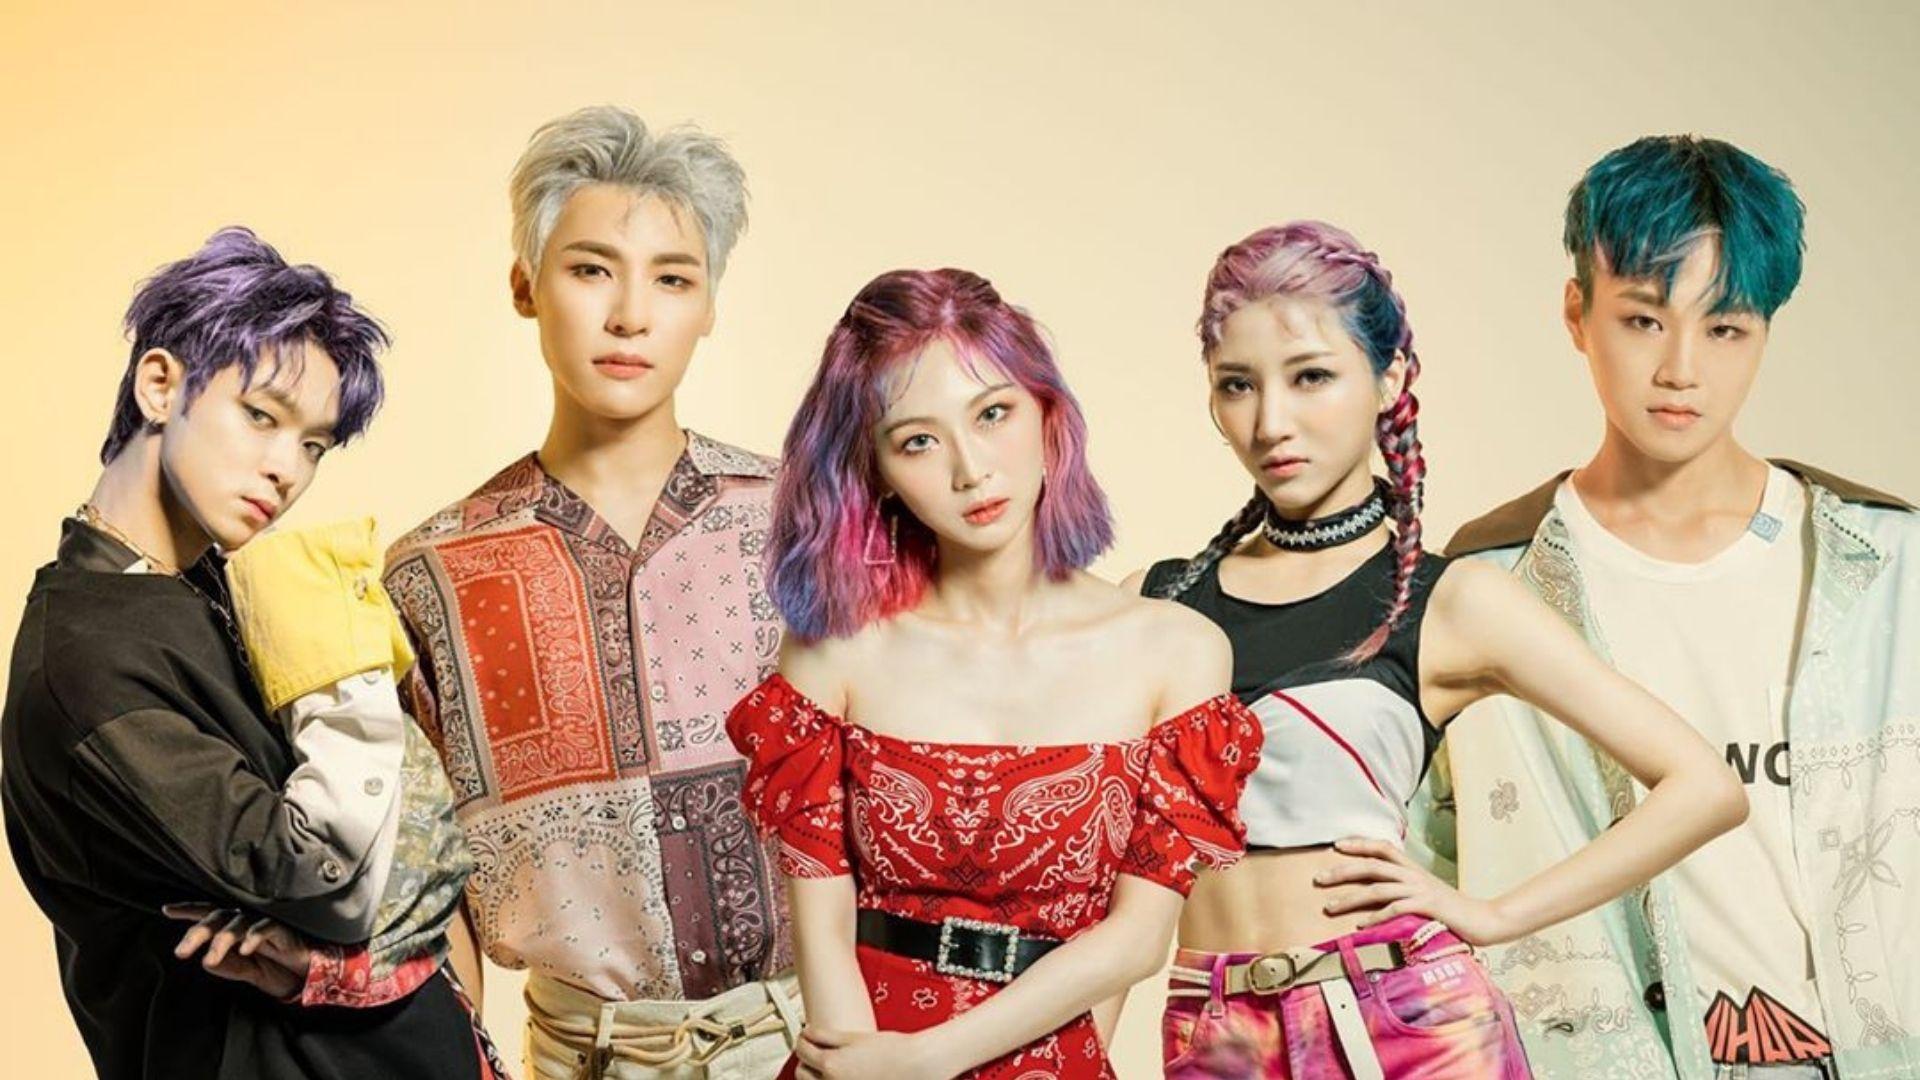 Los grupos de Kpop